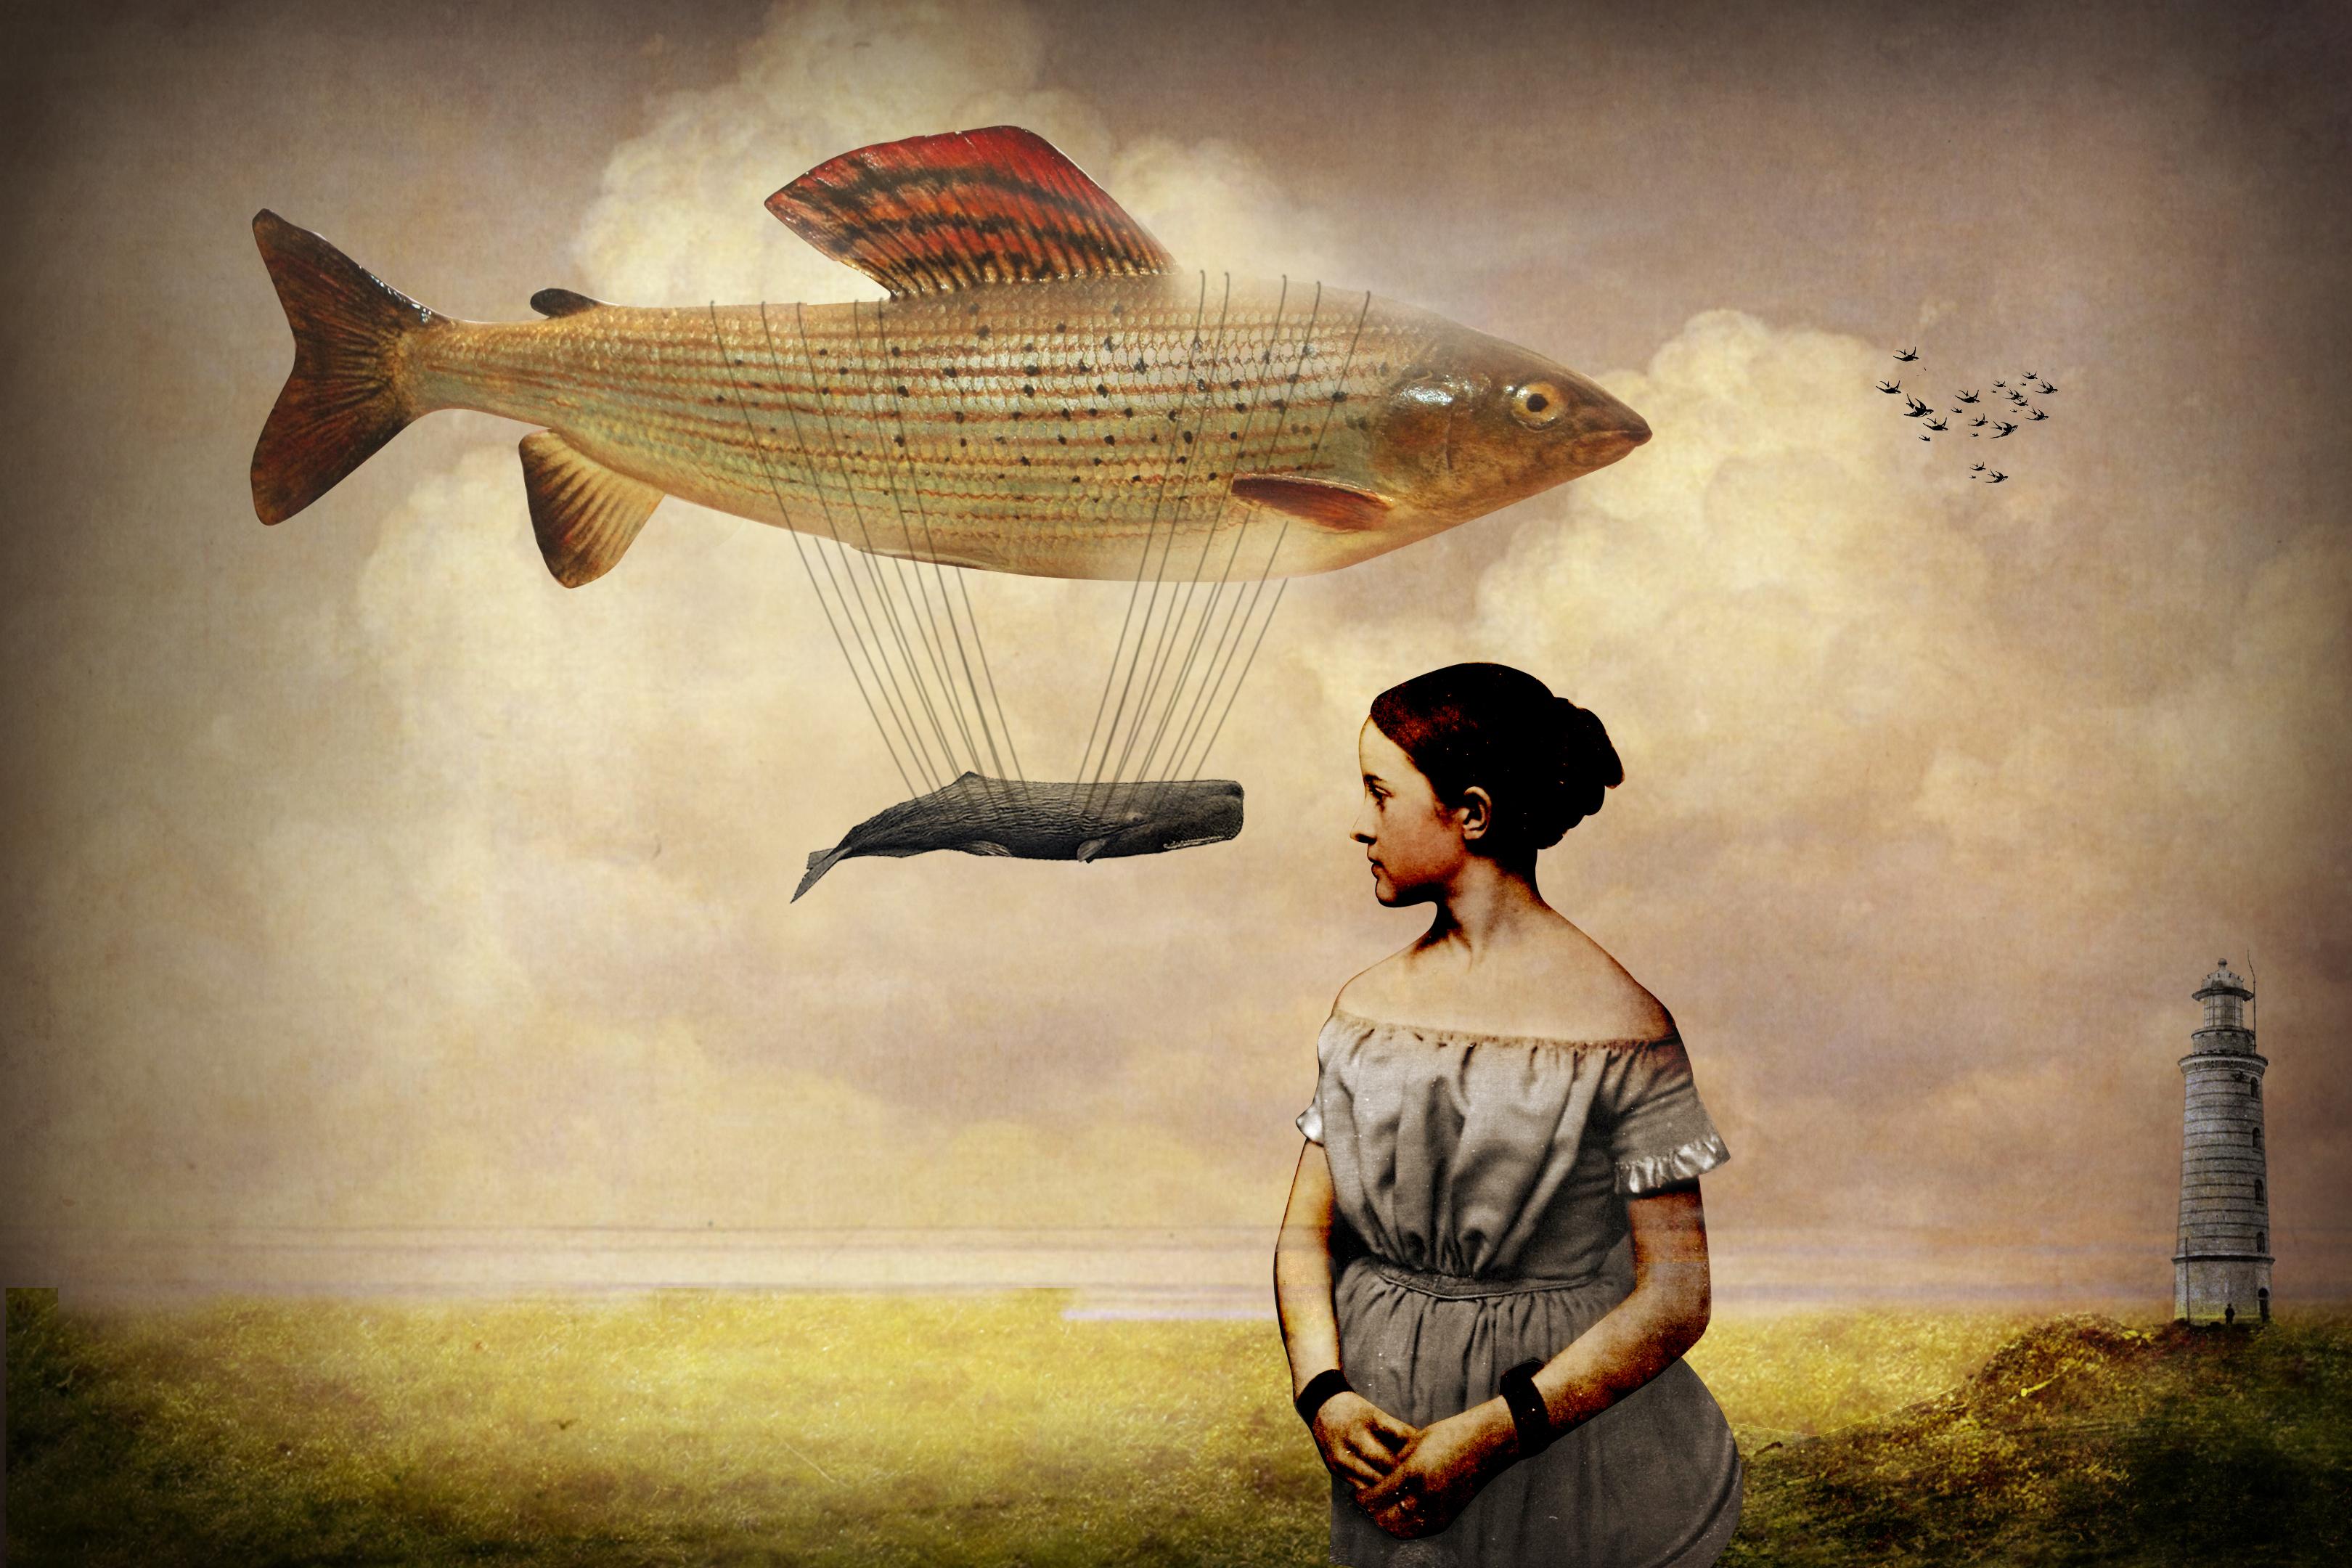 Graphic designer Catrin Welz-Stein